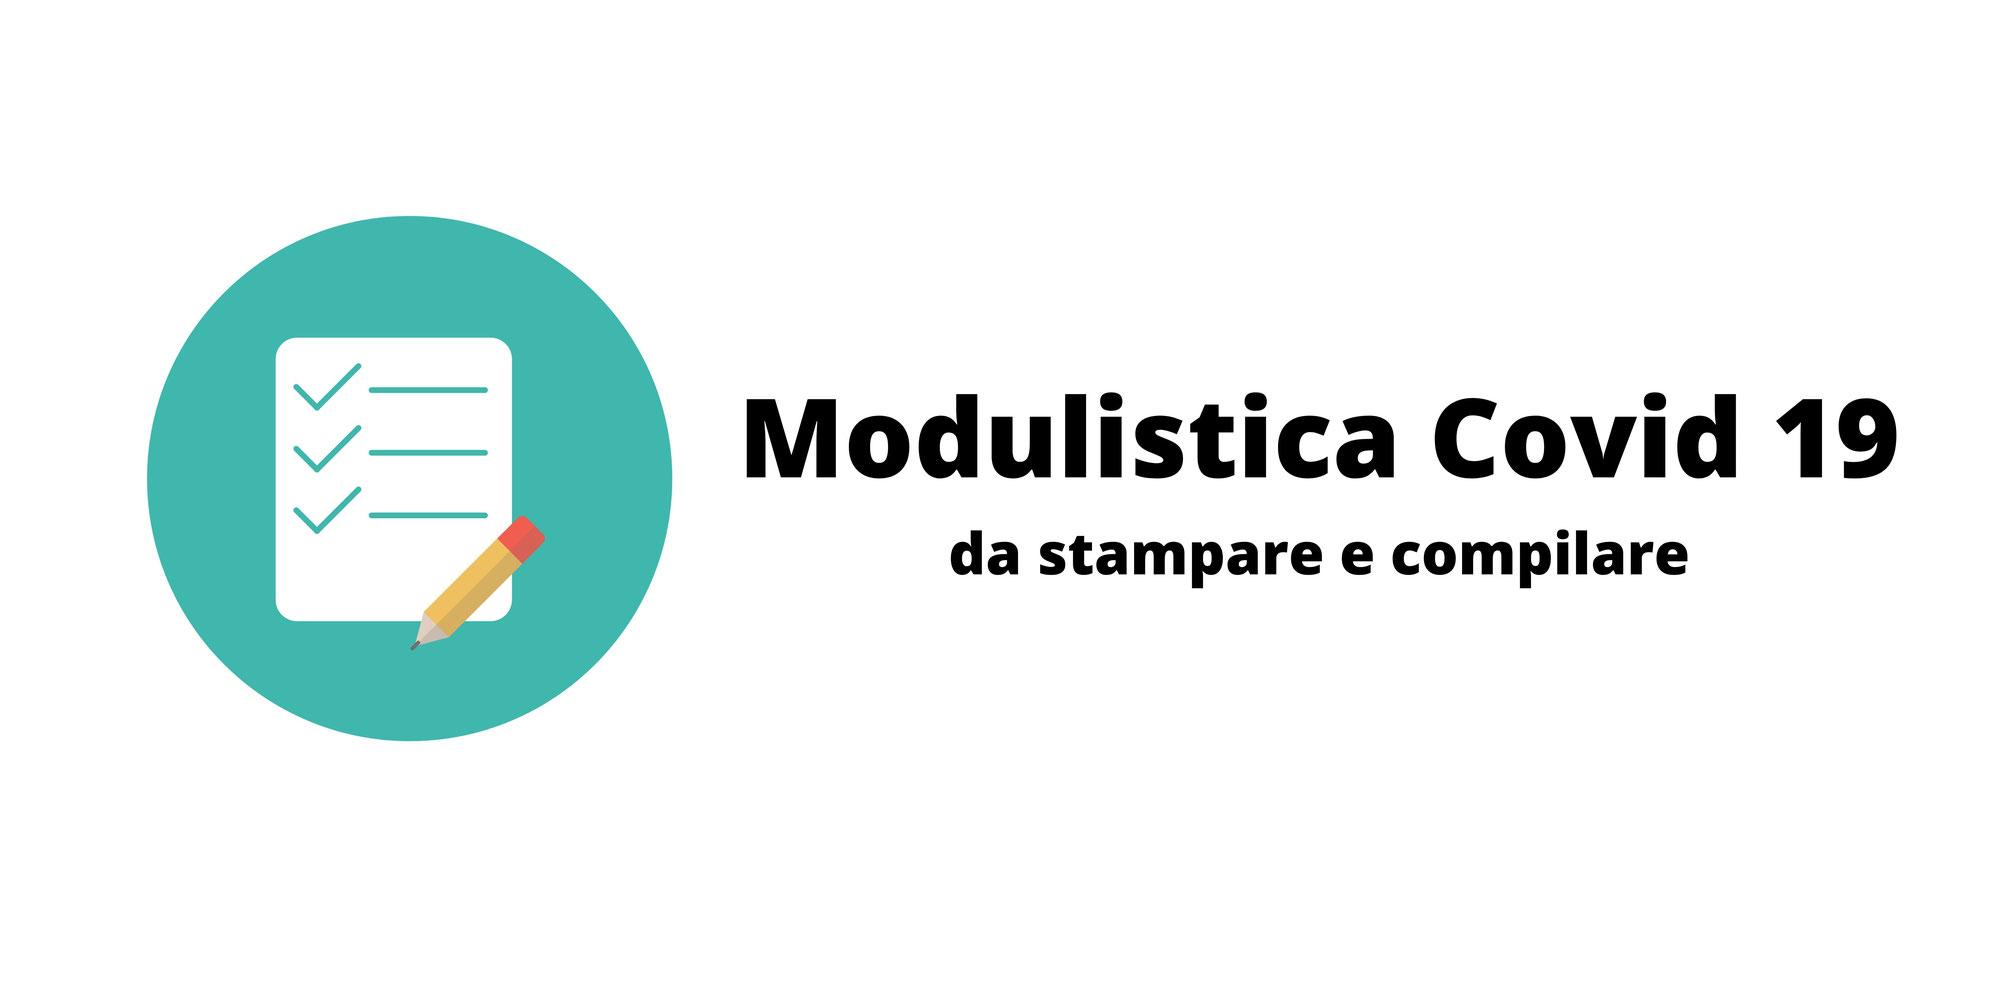 Modulistica Covid 19